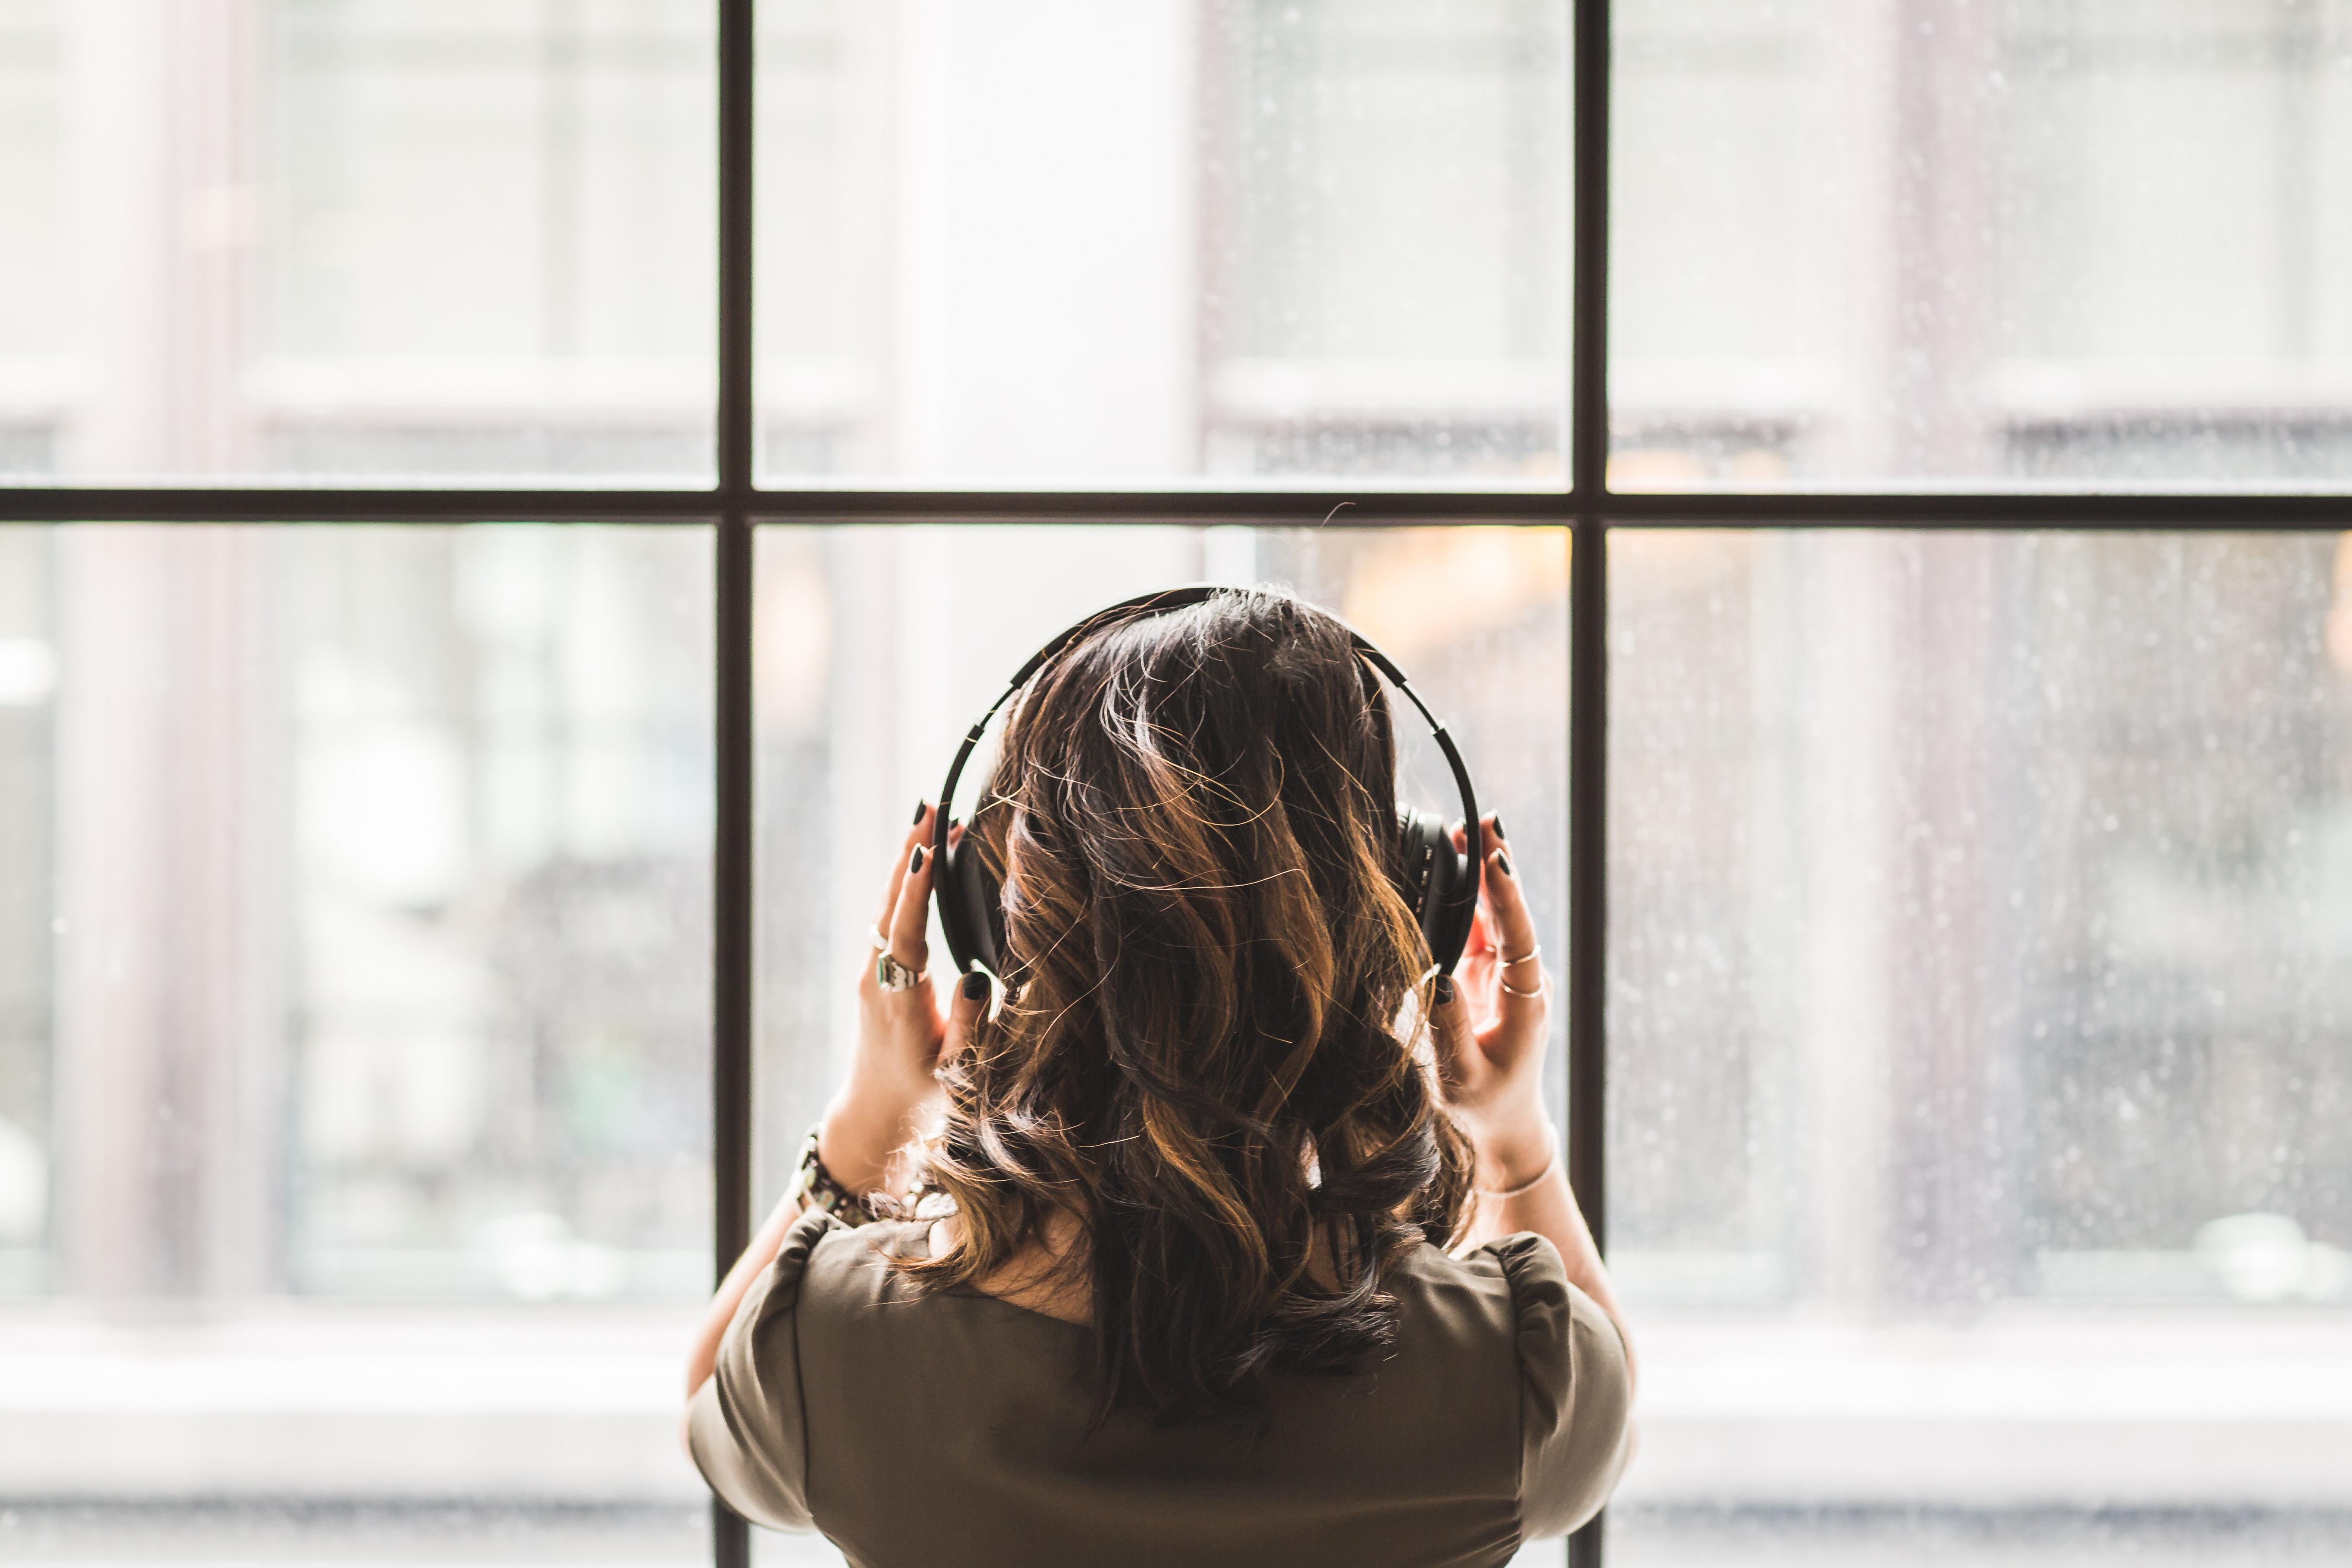 לחיות את האמן שבי – הקשר בין המנגינות שאנו אוהבים למנגינת חיינו